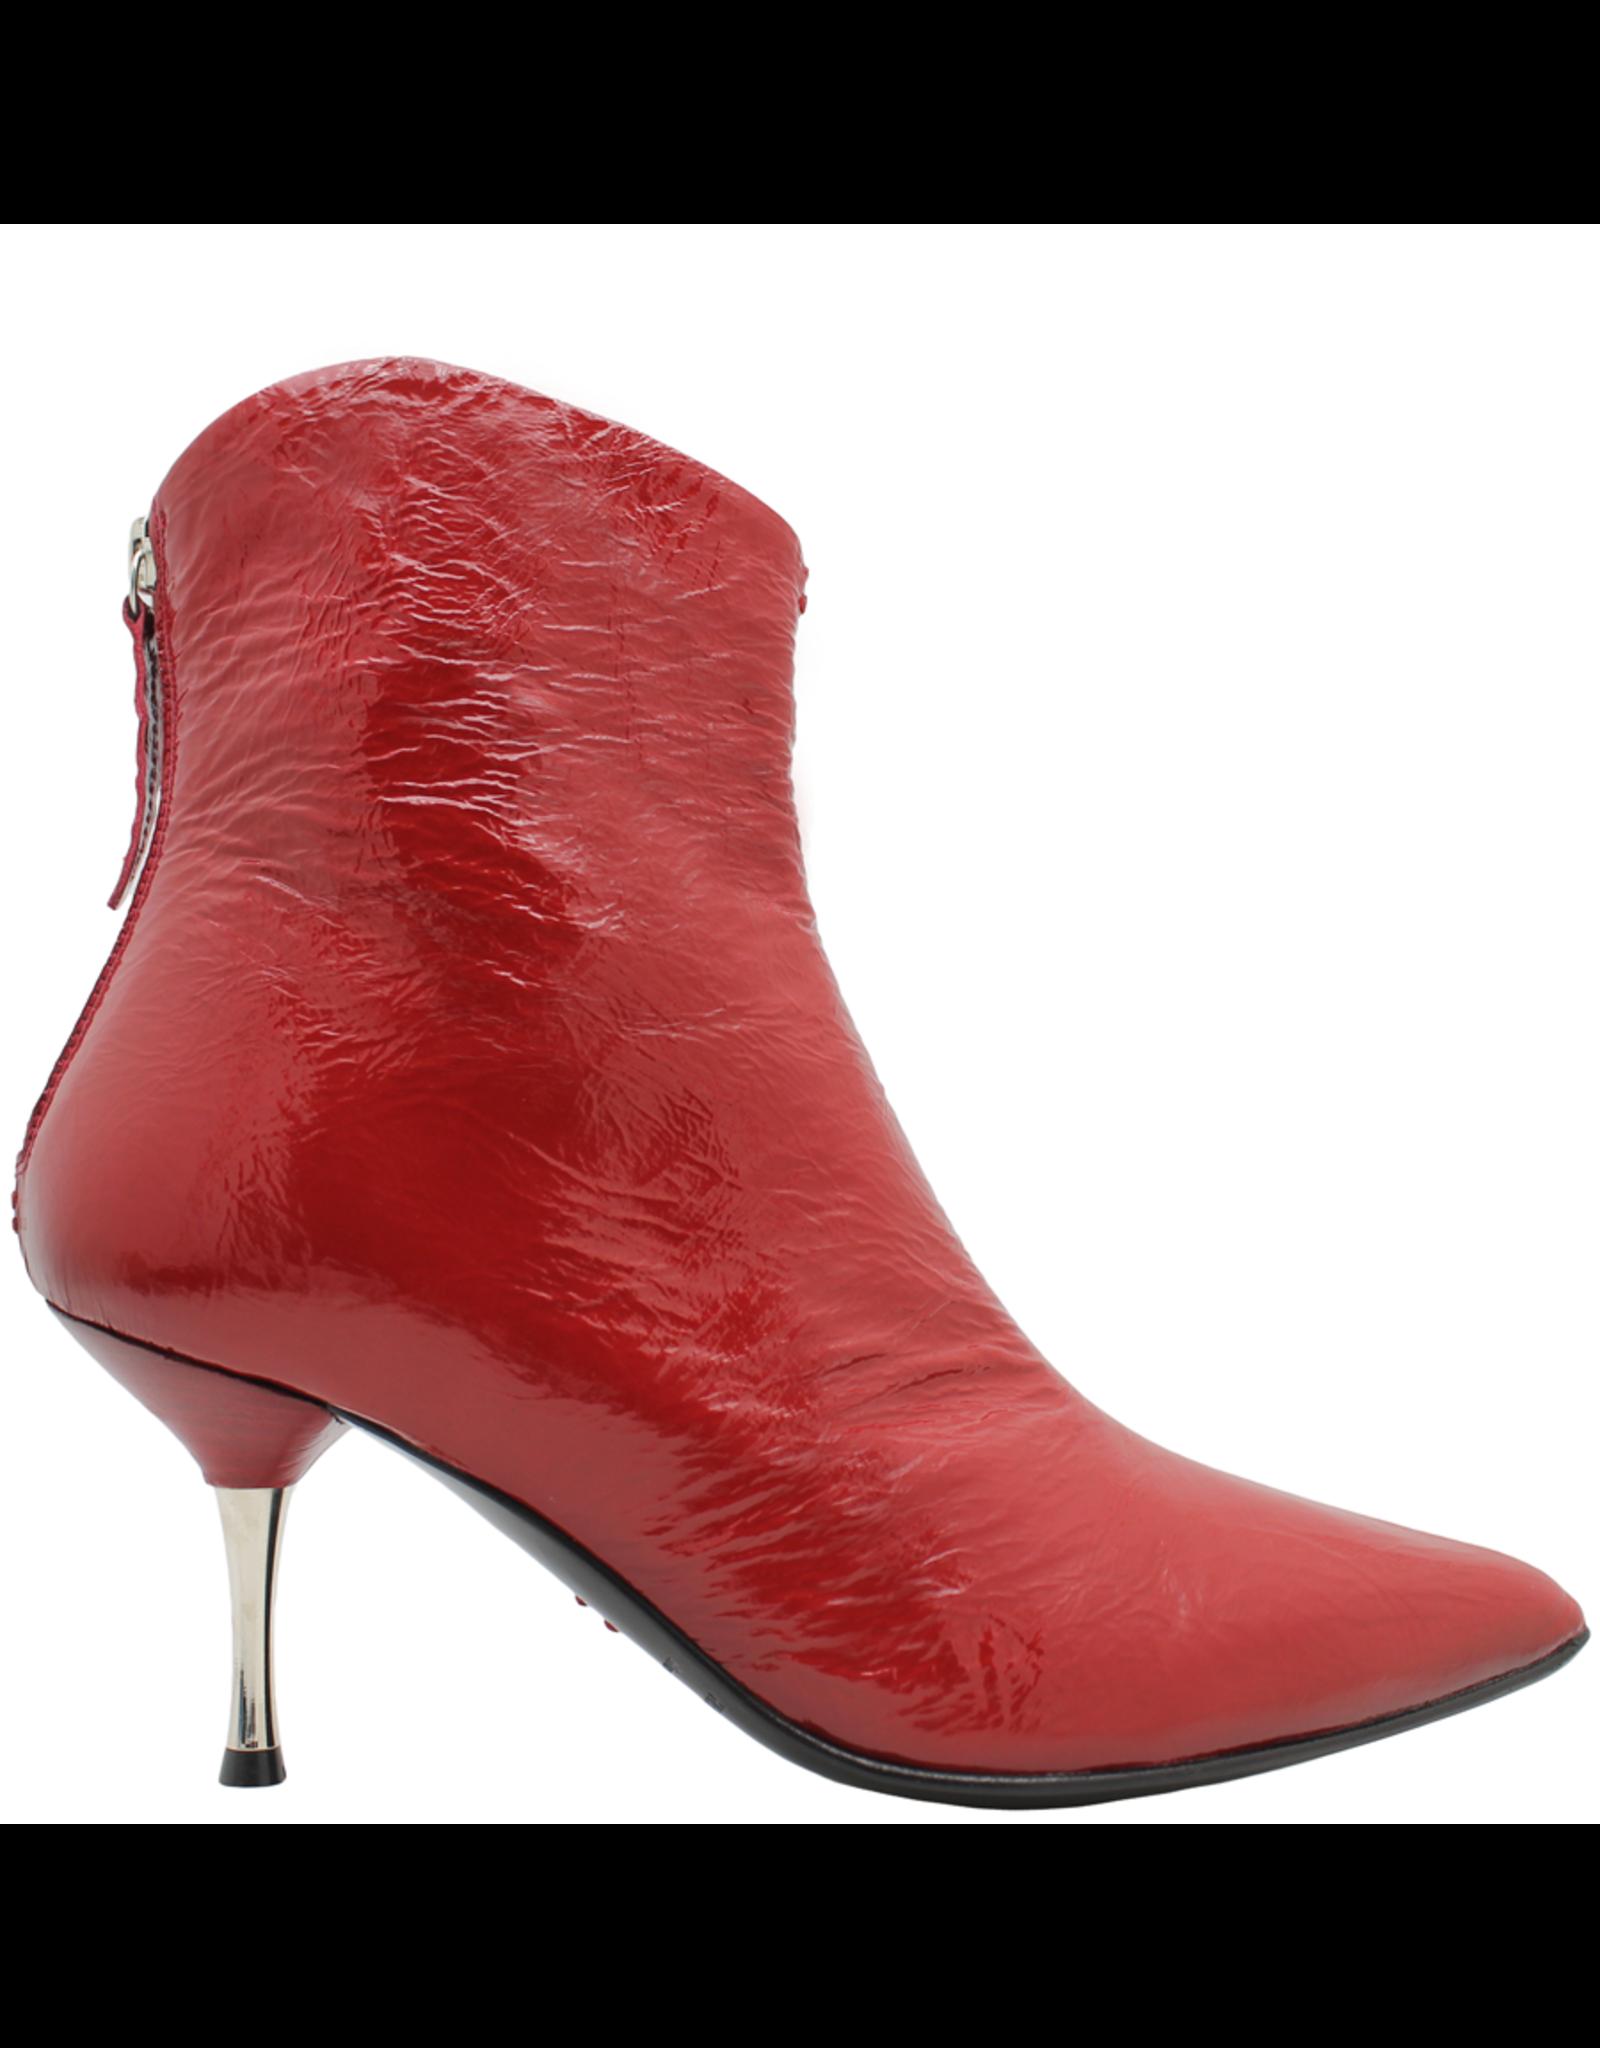 Halmanera Halmanera Red Patent Boot With Metal Heel Back Zipper 1996